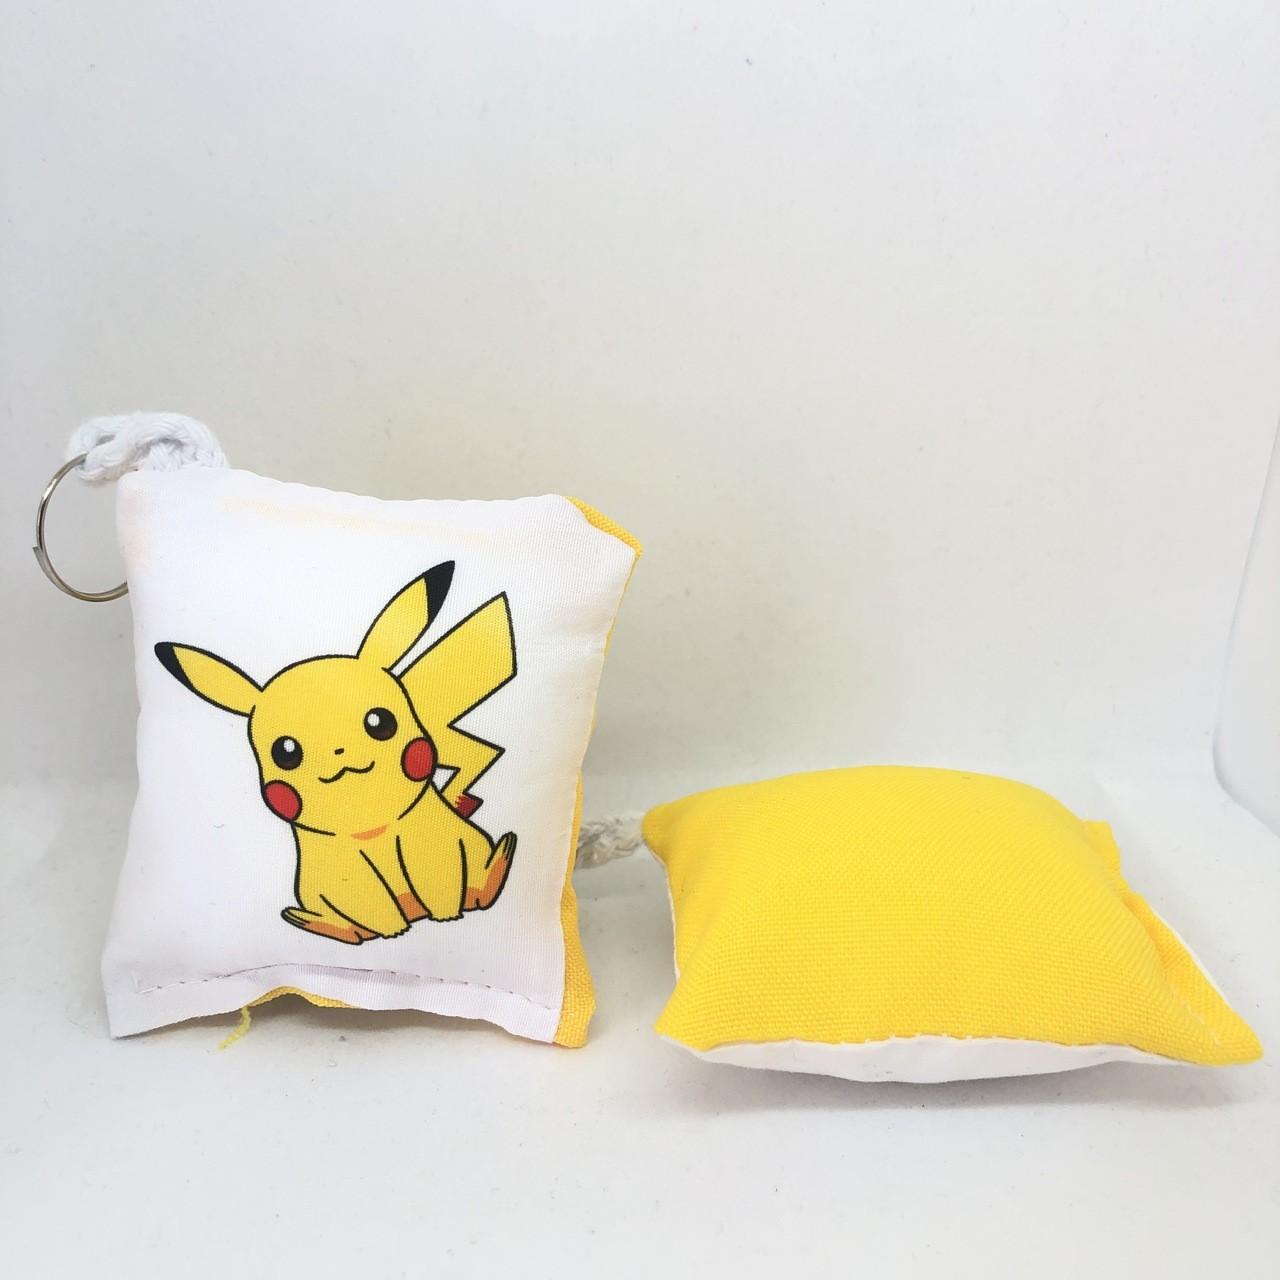 Almochaveiro Pikachu